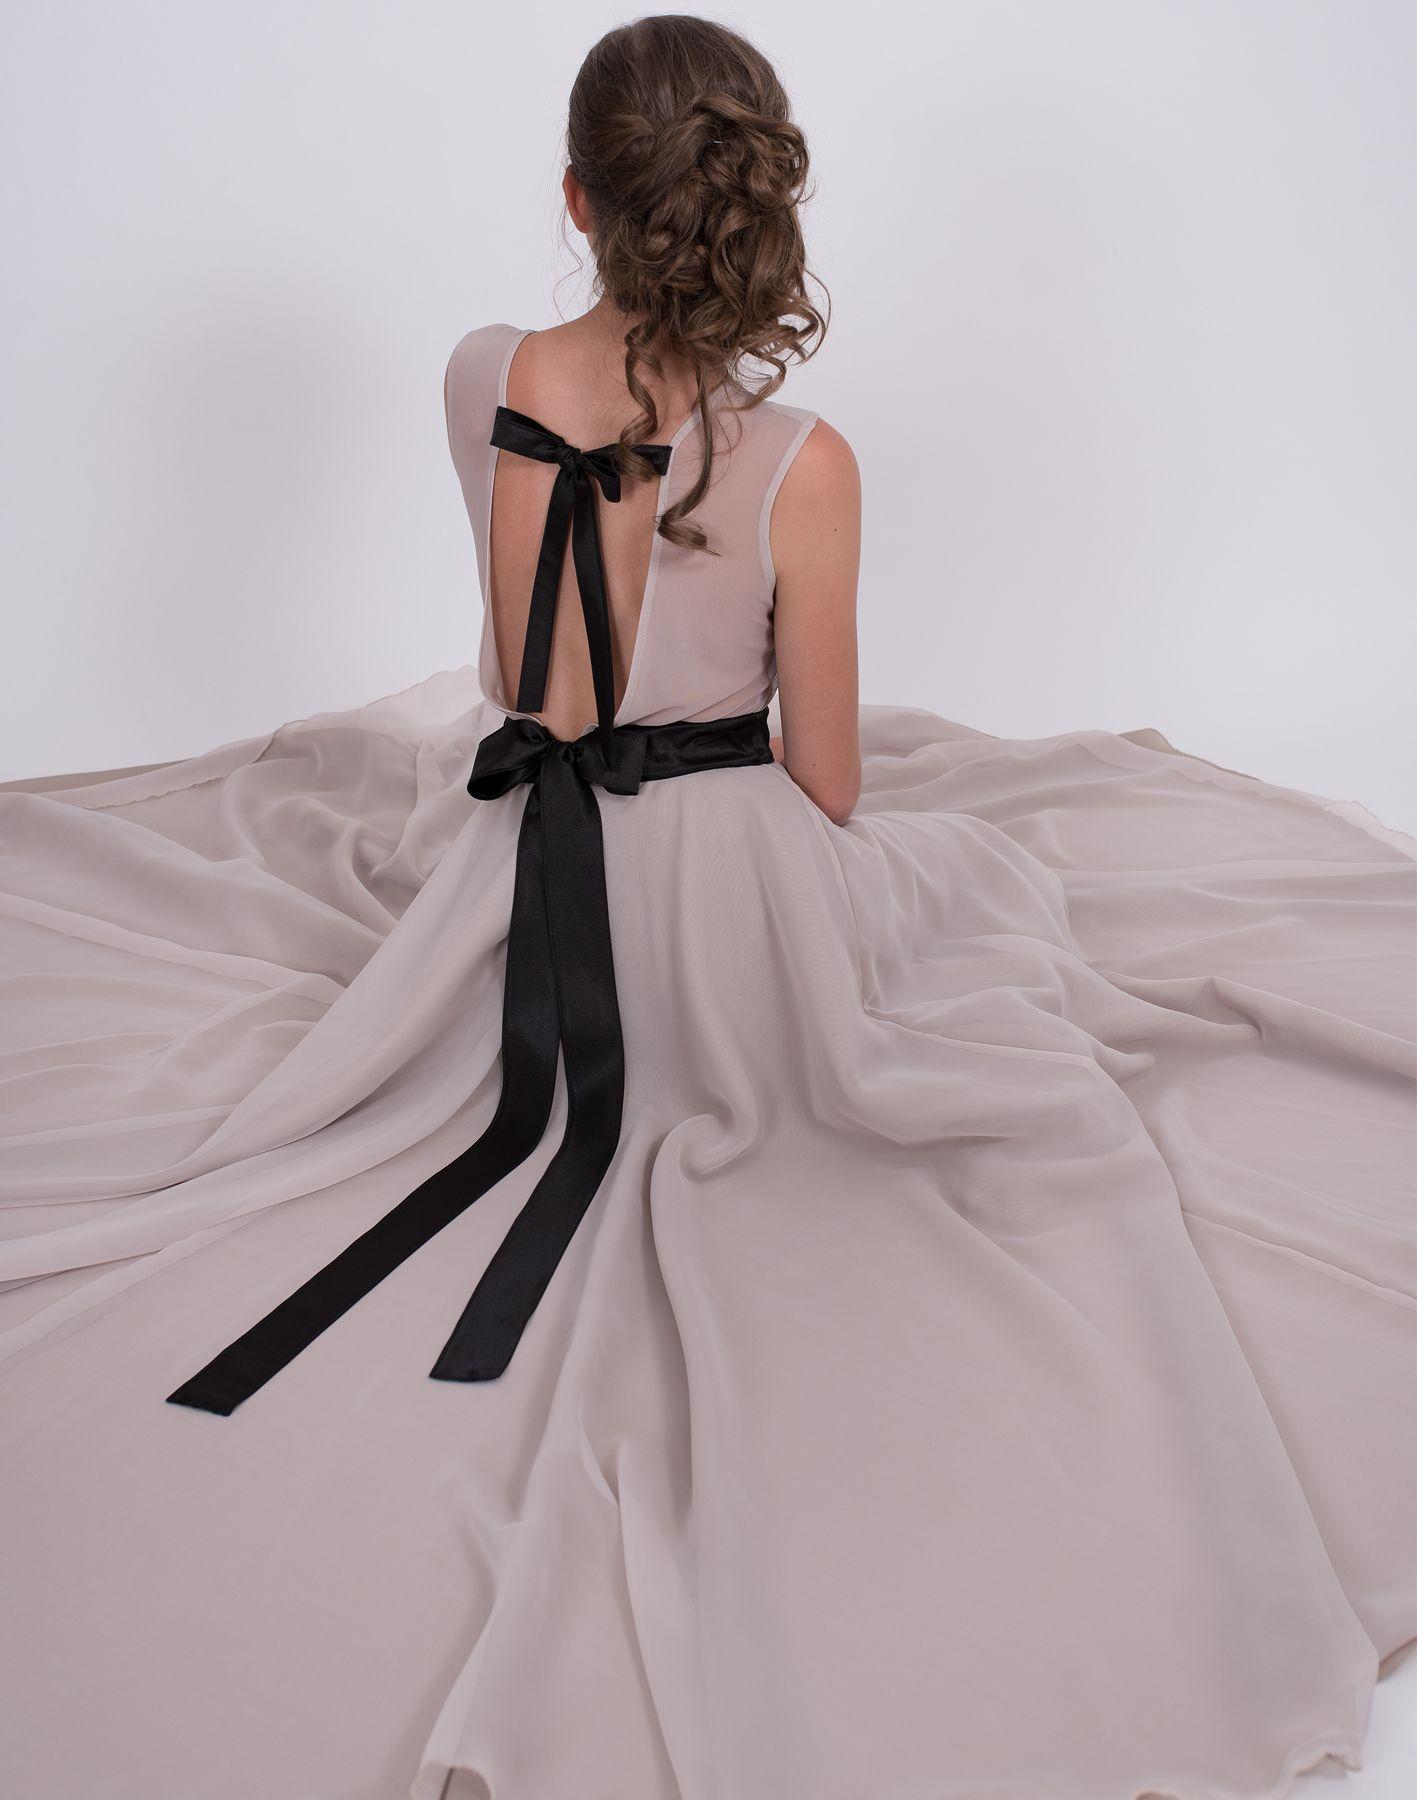 3b45f51c684a Dívčí a dámská dlouhá šifonová sukně a body v béžové barvě. Cena od 6499 Kč